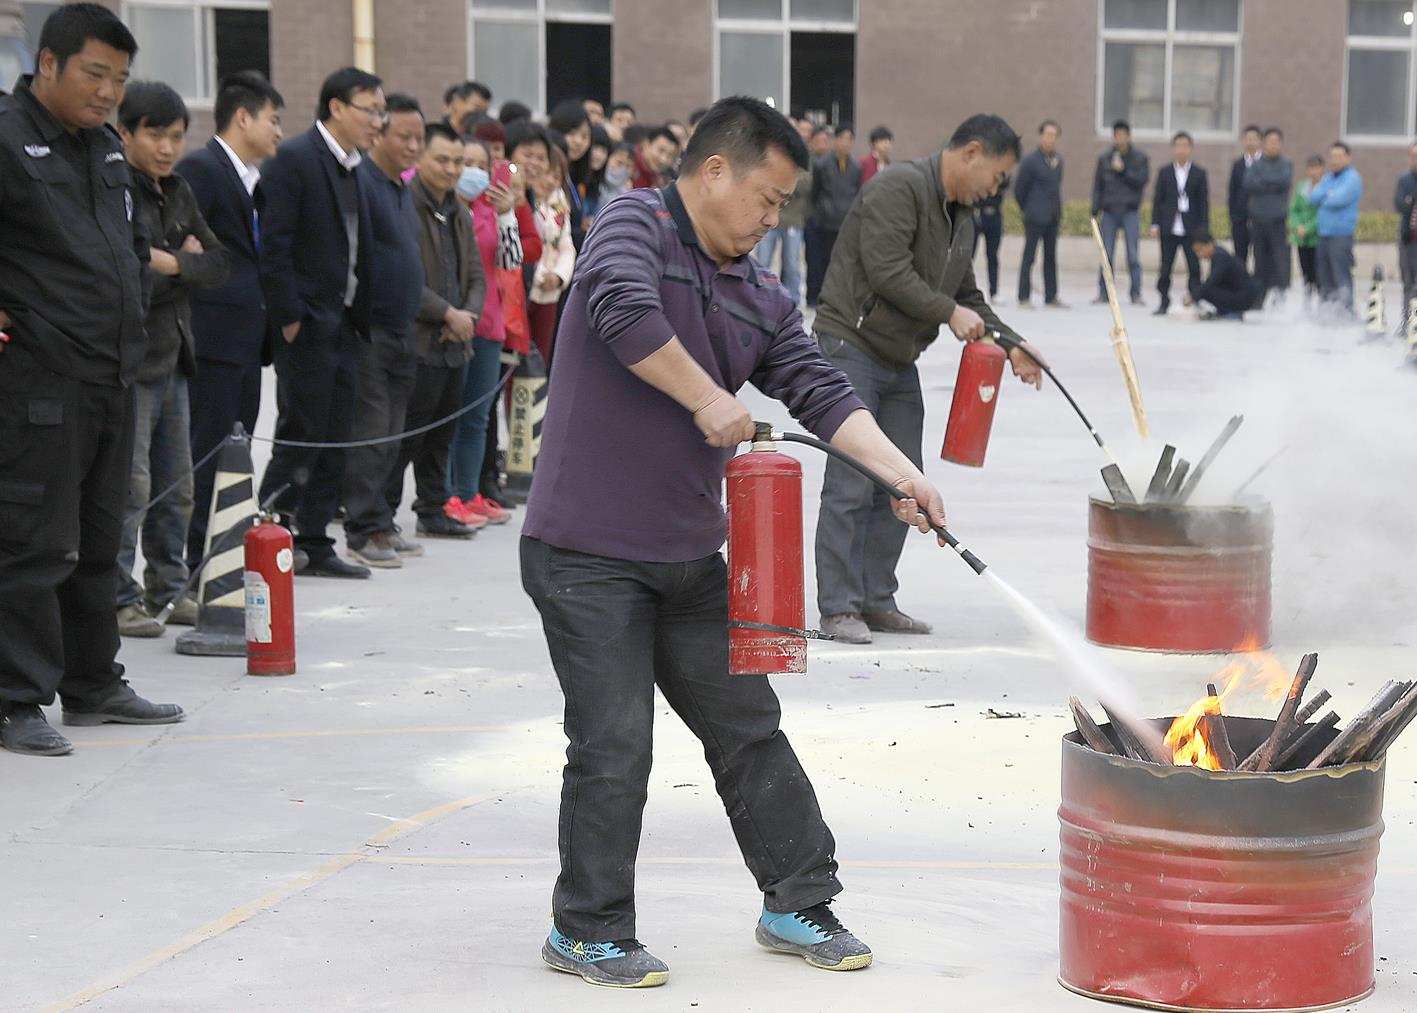 加强消防法制教育,提高全民消防安全素质